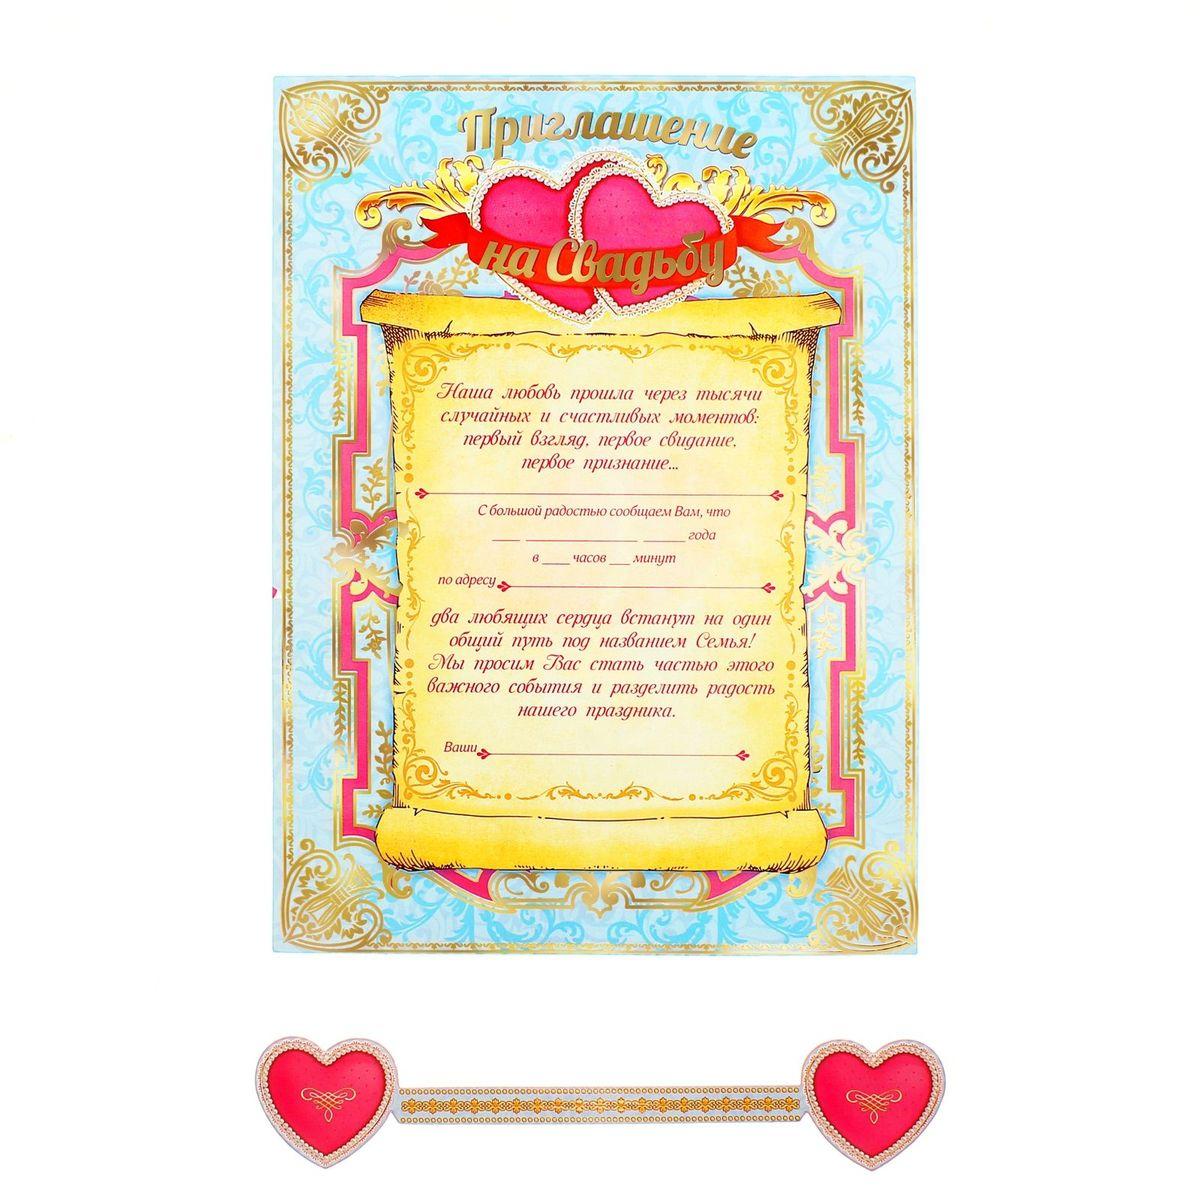 Приглашение на свадьбу Sima-land Союз сердец, 17 х 23,5 смNLED-454-9W-BKТрадиции свадебного обряда уходят корнями в далекое прошлое, когда многие важные документы, приказы, указы, послания передавались в форме свитков. Добавить оригинальность и показать верность традициям поможет свадебное приглашение-свиток Sima-land Союз сердец. В комплект входит элегантная лента, которая дополнительно украсит и скрепит свиток. Яркие цвета, золотистые элементы, традиционные свадебные мотивы и орнамент подойдут вам, если вы планируете оформить свадьбу в ярких тонах. Внутри свитка - текст приглашения с теплыми словами для адресата. Вам остается заполнить необходимые строки и раздать гостям.Устройте себе незабываемую свадьбу!